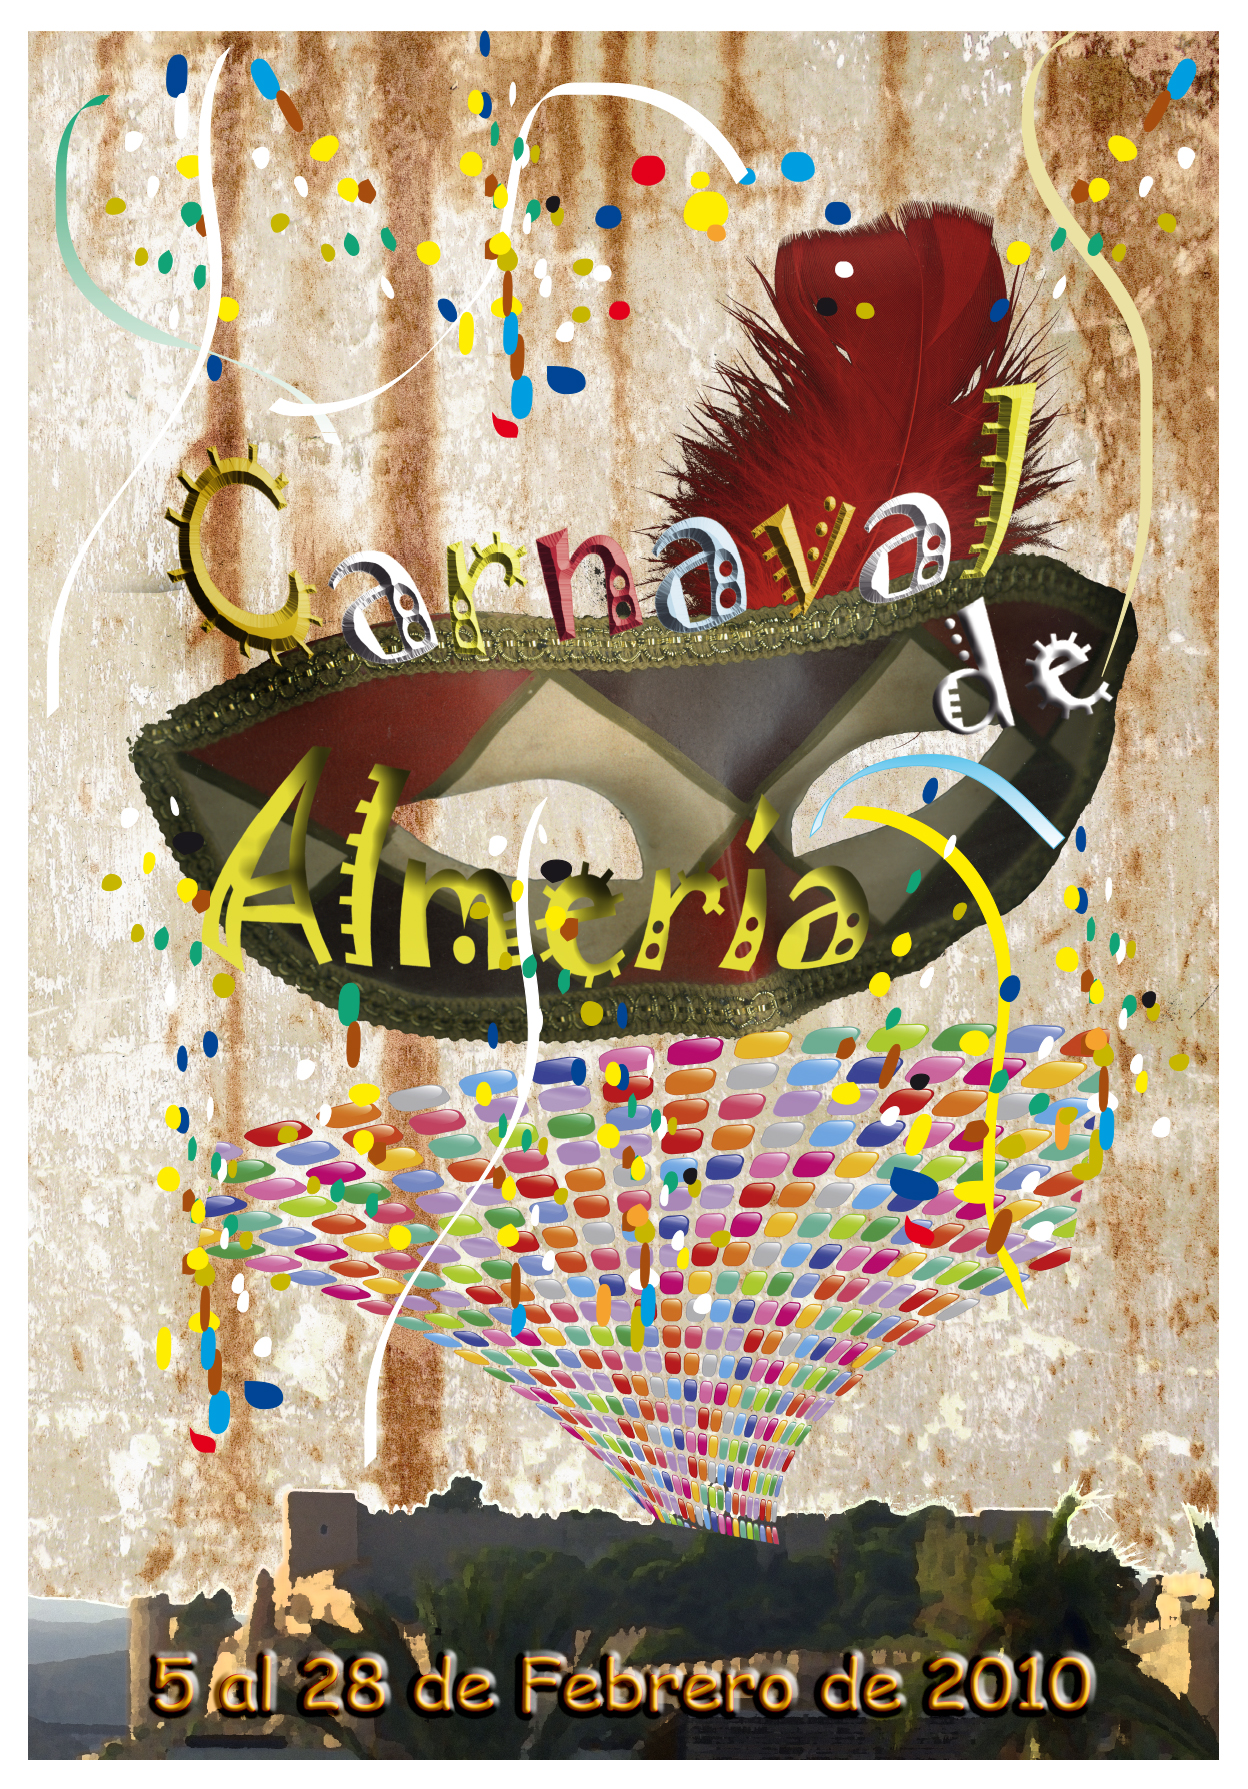 CArtel Para el concurso del carnaval de Almería